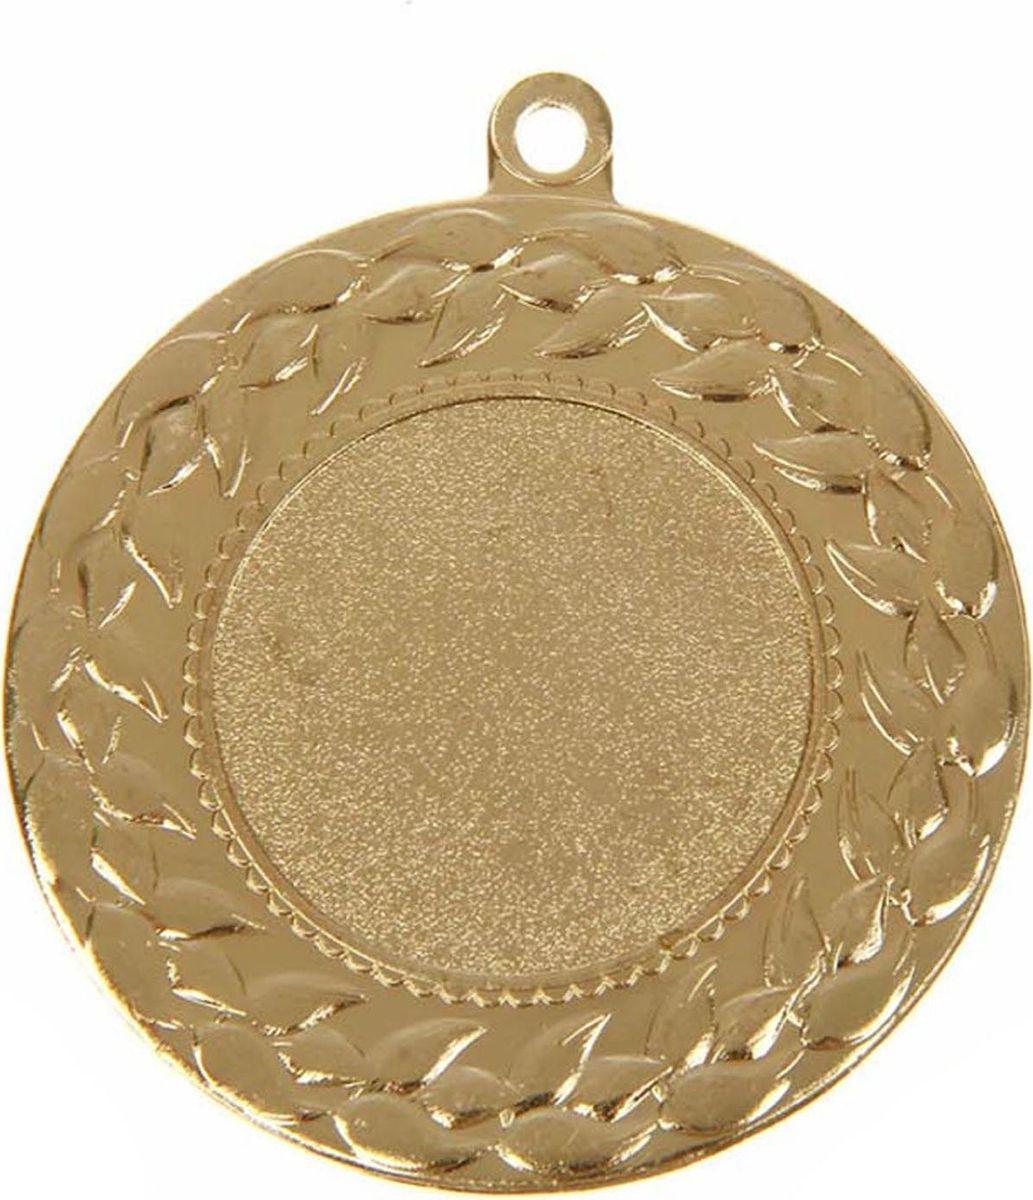 Медаль сувенирная с местом для гравировки, цвет: золотистый, диаметр 4,5 см. 0291108712Медаль — знак отличия, которым награждают самых достойных. Она вручается лишь тем, кто проявил настойчивость и волю к победе. Каждое достижение — это важное событие, которое должно остаться в памяти на долгие годы. Любое спортивное состязание, профессиональное или среди любителей, любое корпоративное мероприятие — отличный повод для того, чтобы отметить лучших из лучших. Характеристики:Диаметр медали: 4,5 см Диаметр вкладыша (лицо): 2,5 см Диаметр вкладыша (оборот): 4 см. Пусть любая победа будет отмечена соответствующей наградой!